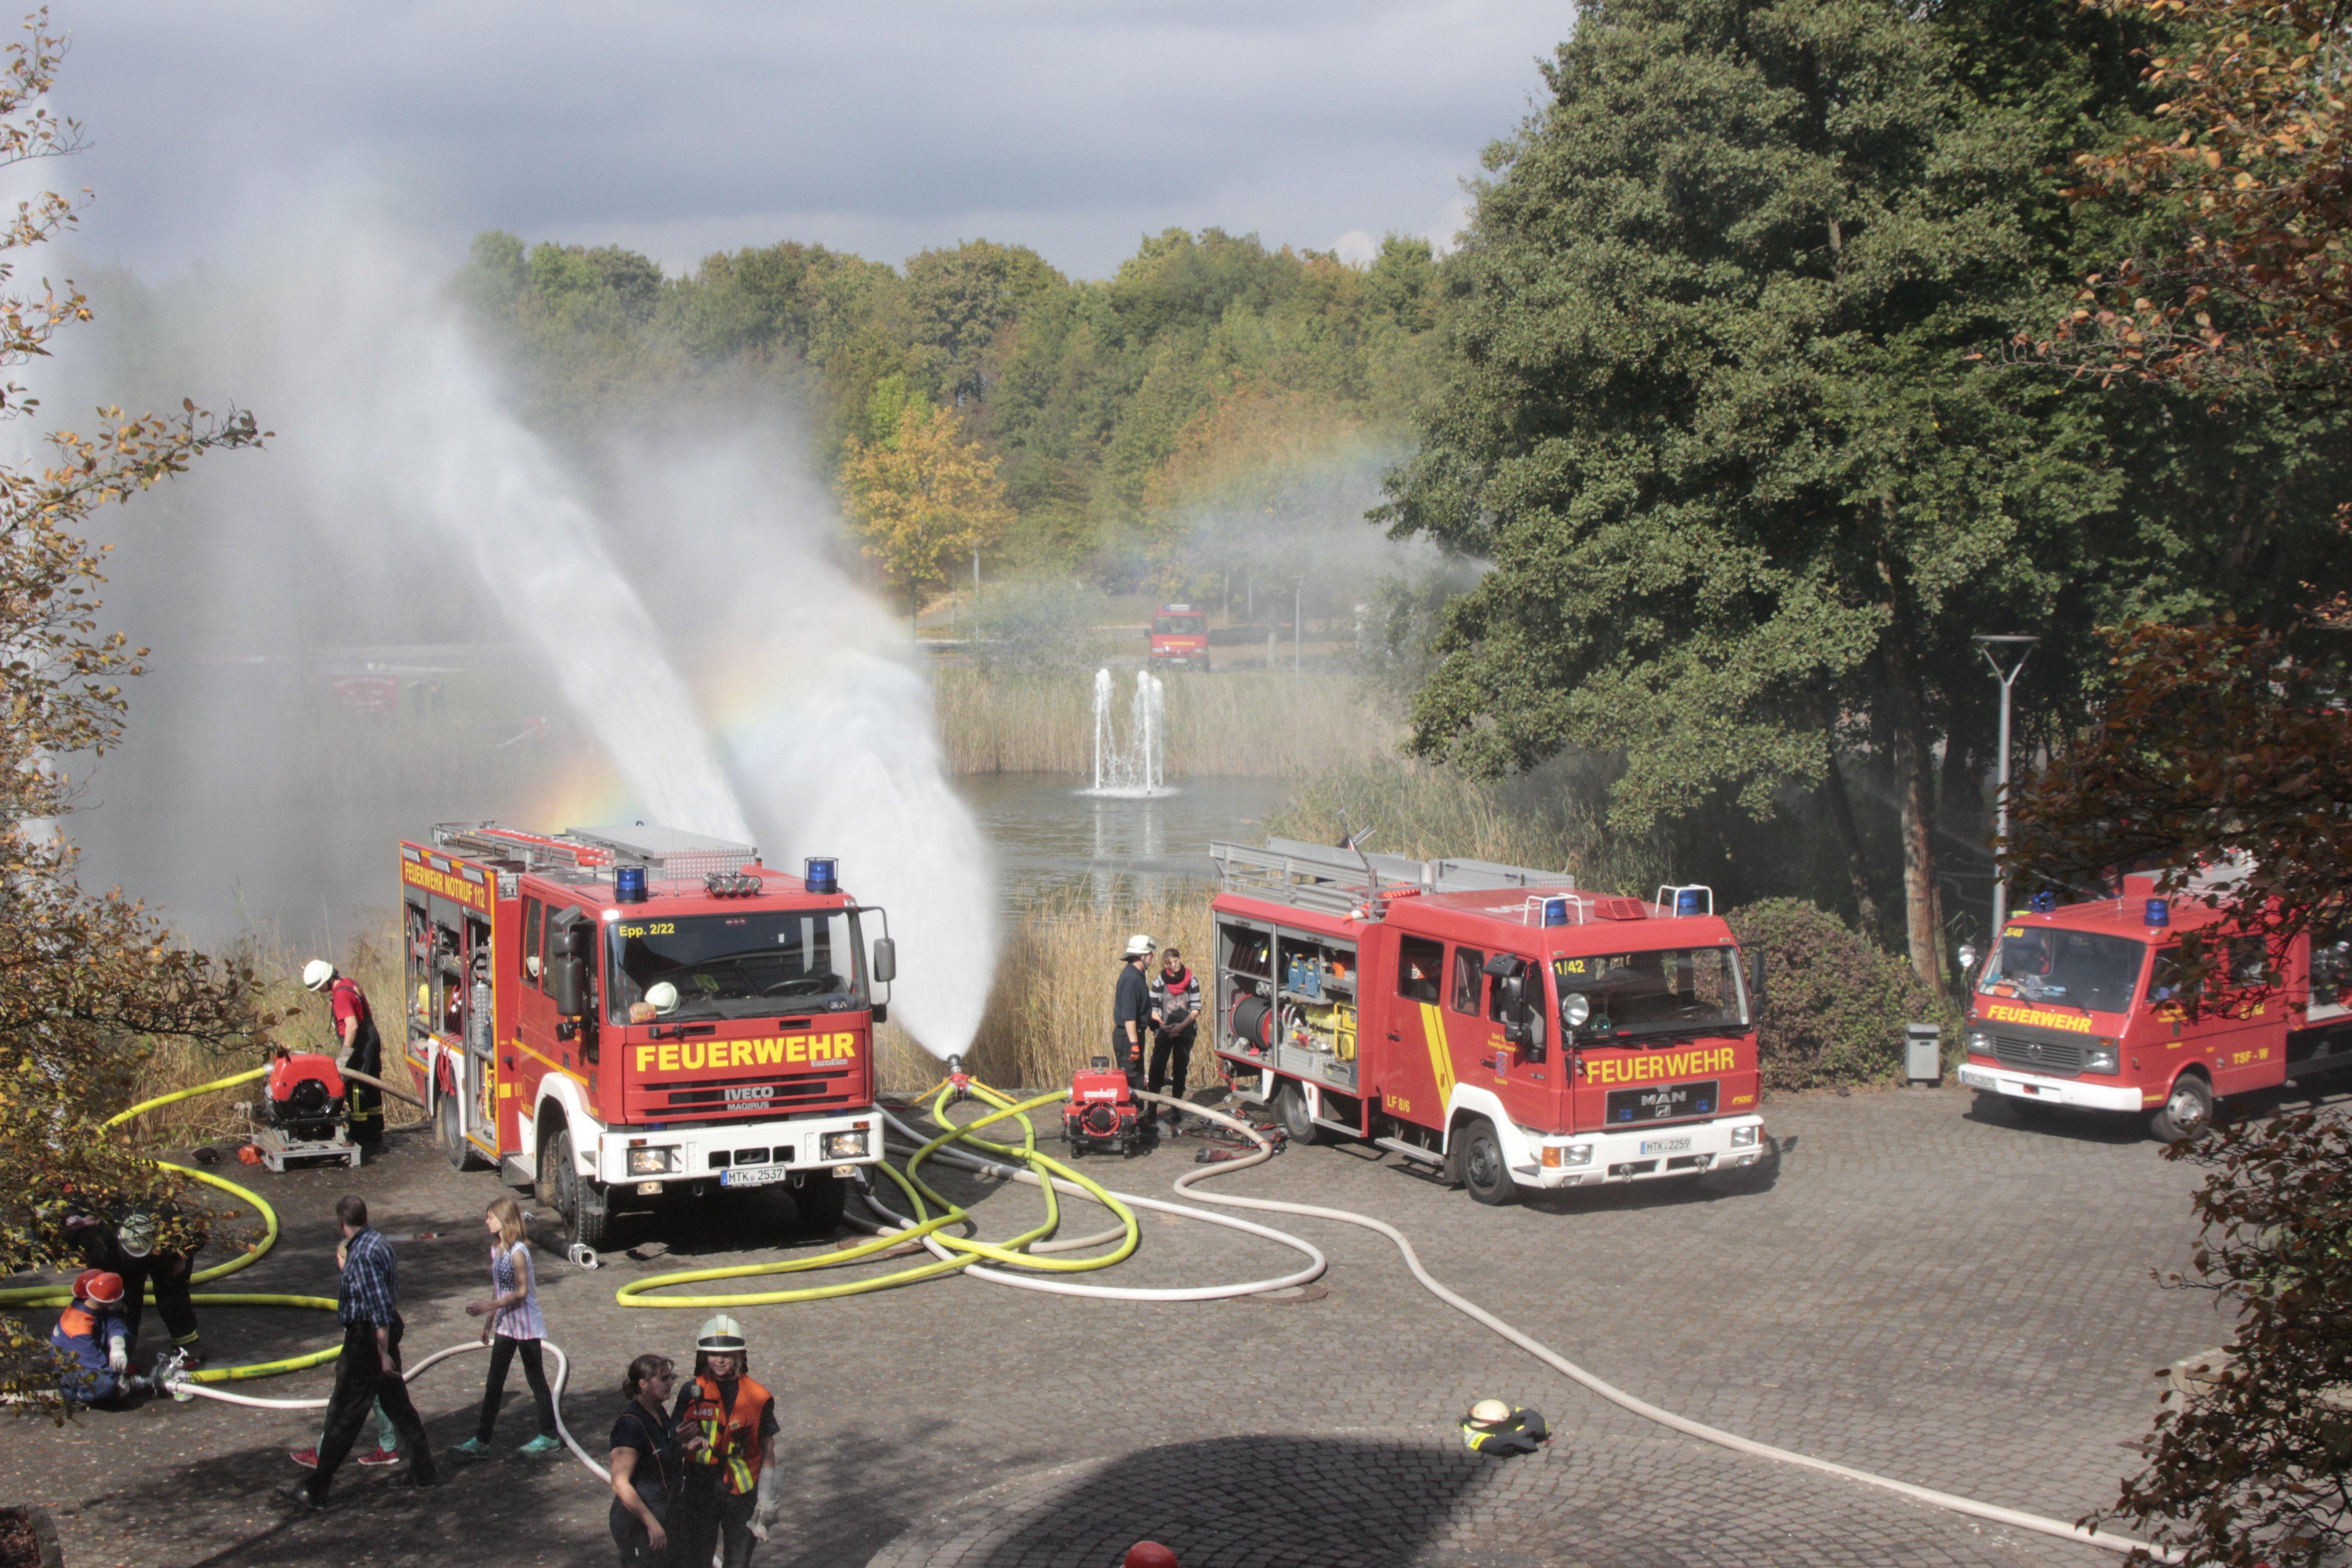 Mehrere Feuerwehrwagen mit Schläuchen, aus denen Wasser spritzt bei einer Löschübung mit der Jugendfeuerwehr